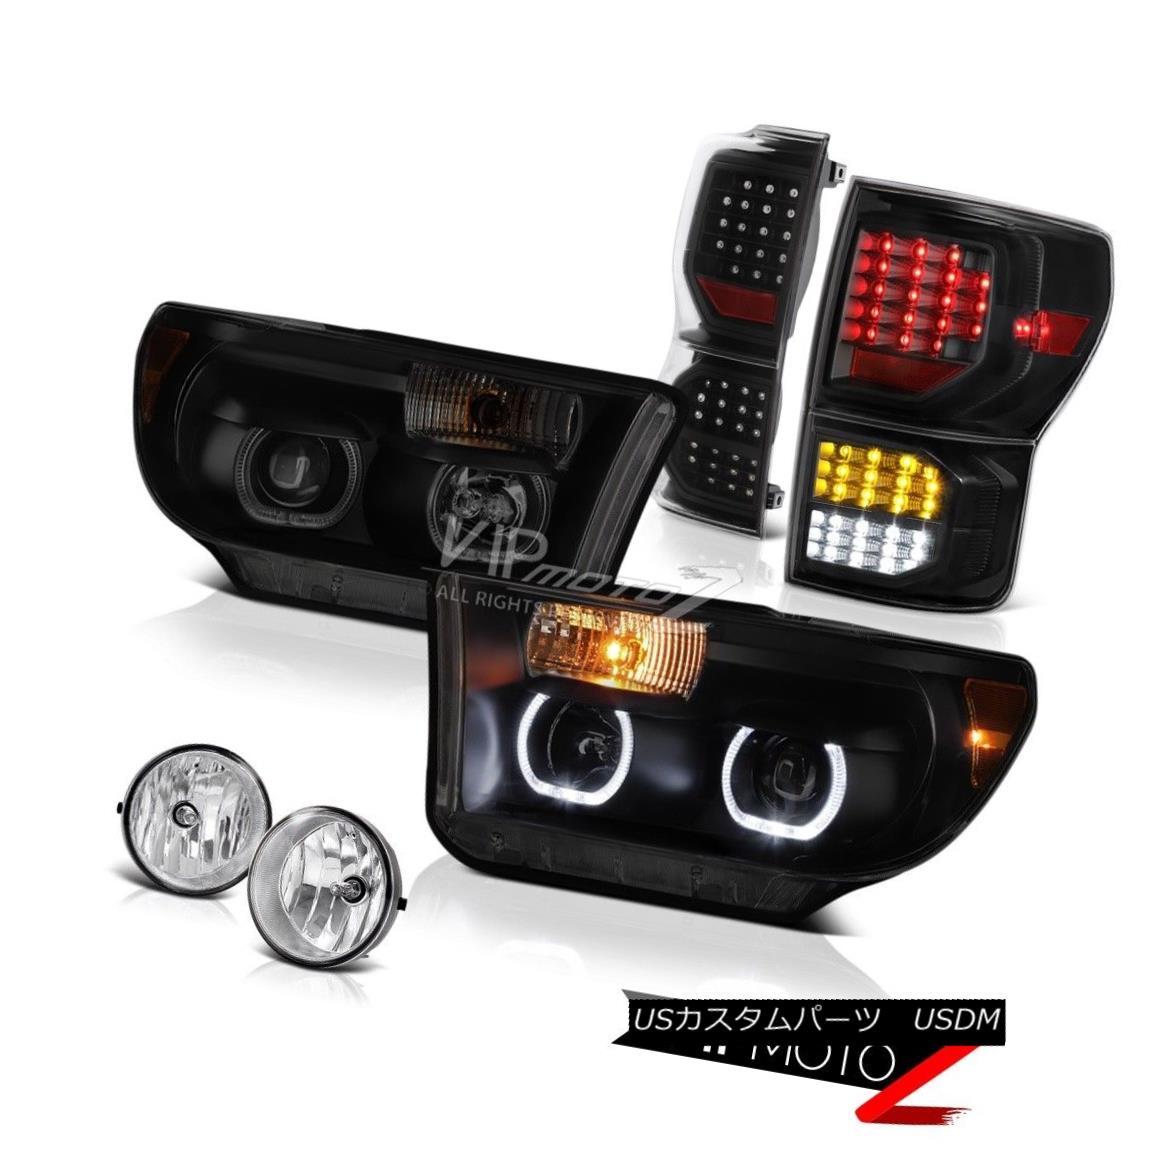 ヘッドライト 2007-2013 Toyota Tundra Limited Inky Black Tail Brake Lamps Headlights Foglights 2007-2013 Toyota Tundra Limitedインキーブラックテールブレーキランプヘッドライトフォグライト